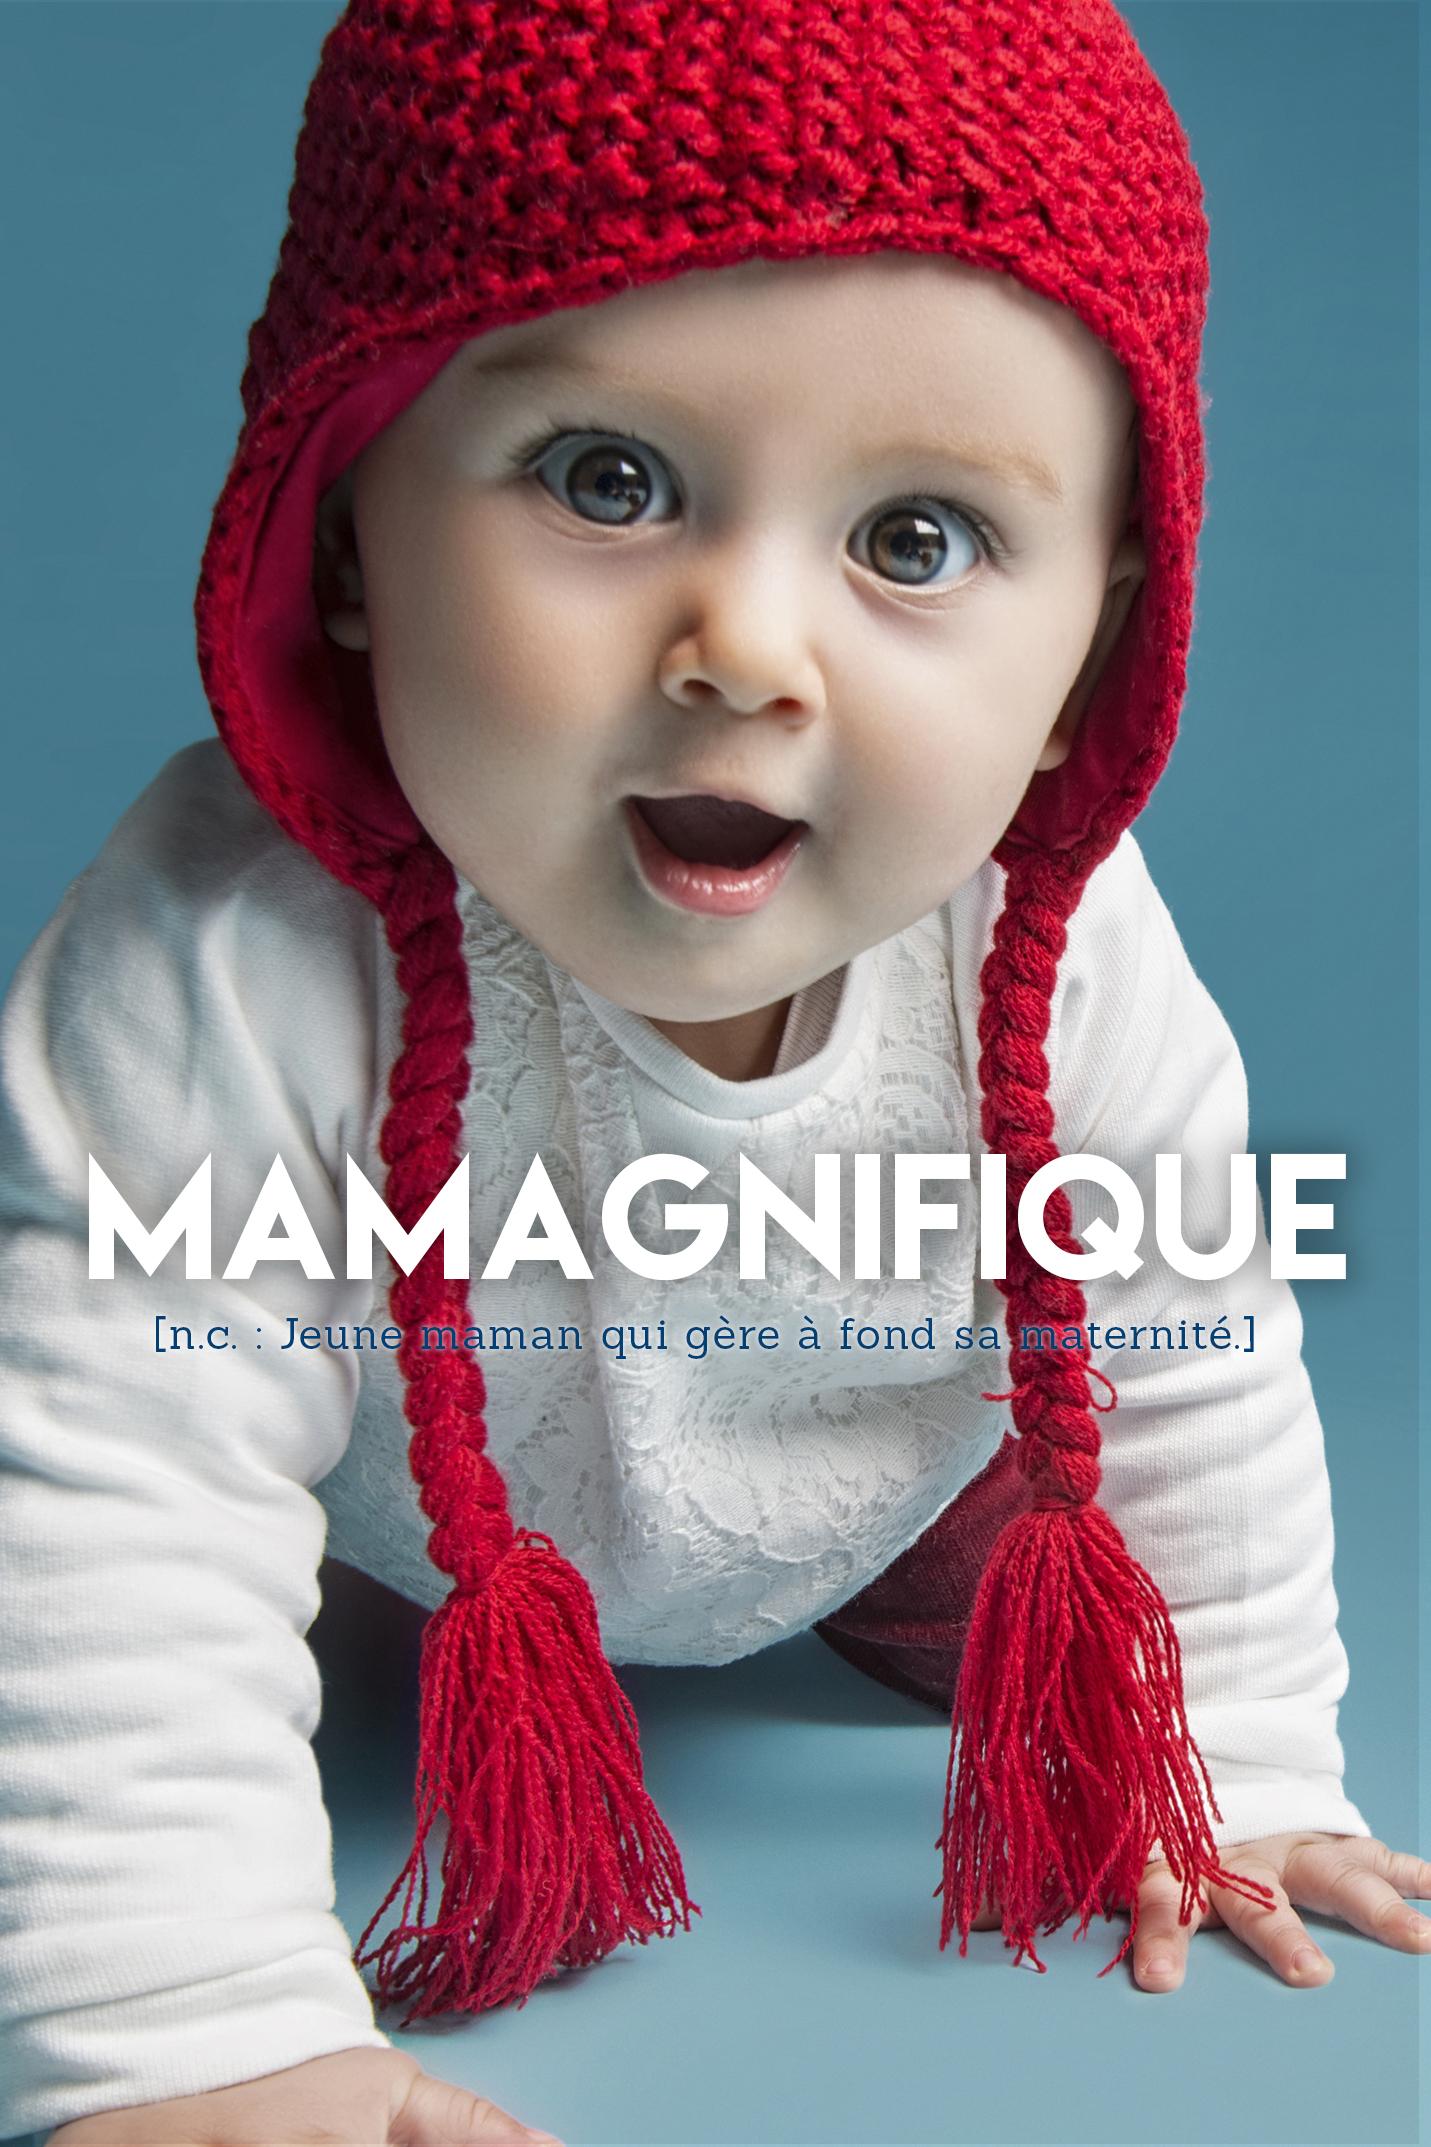 Mamagnifique.jpg